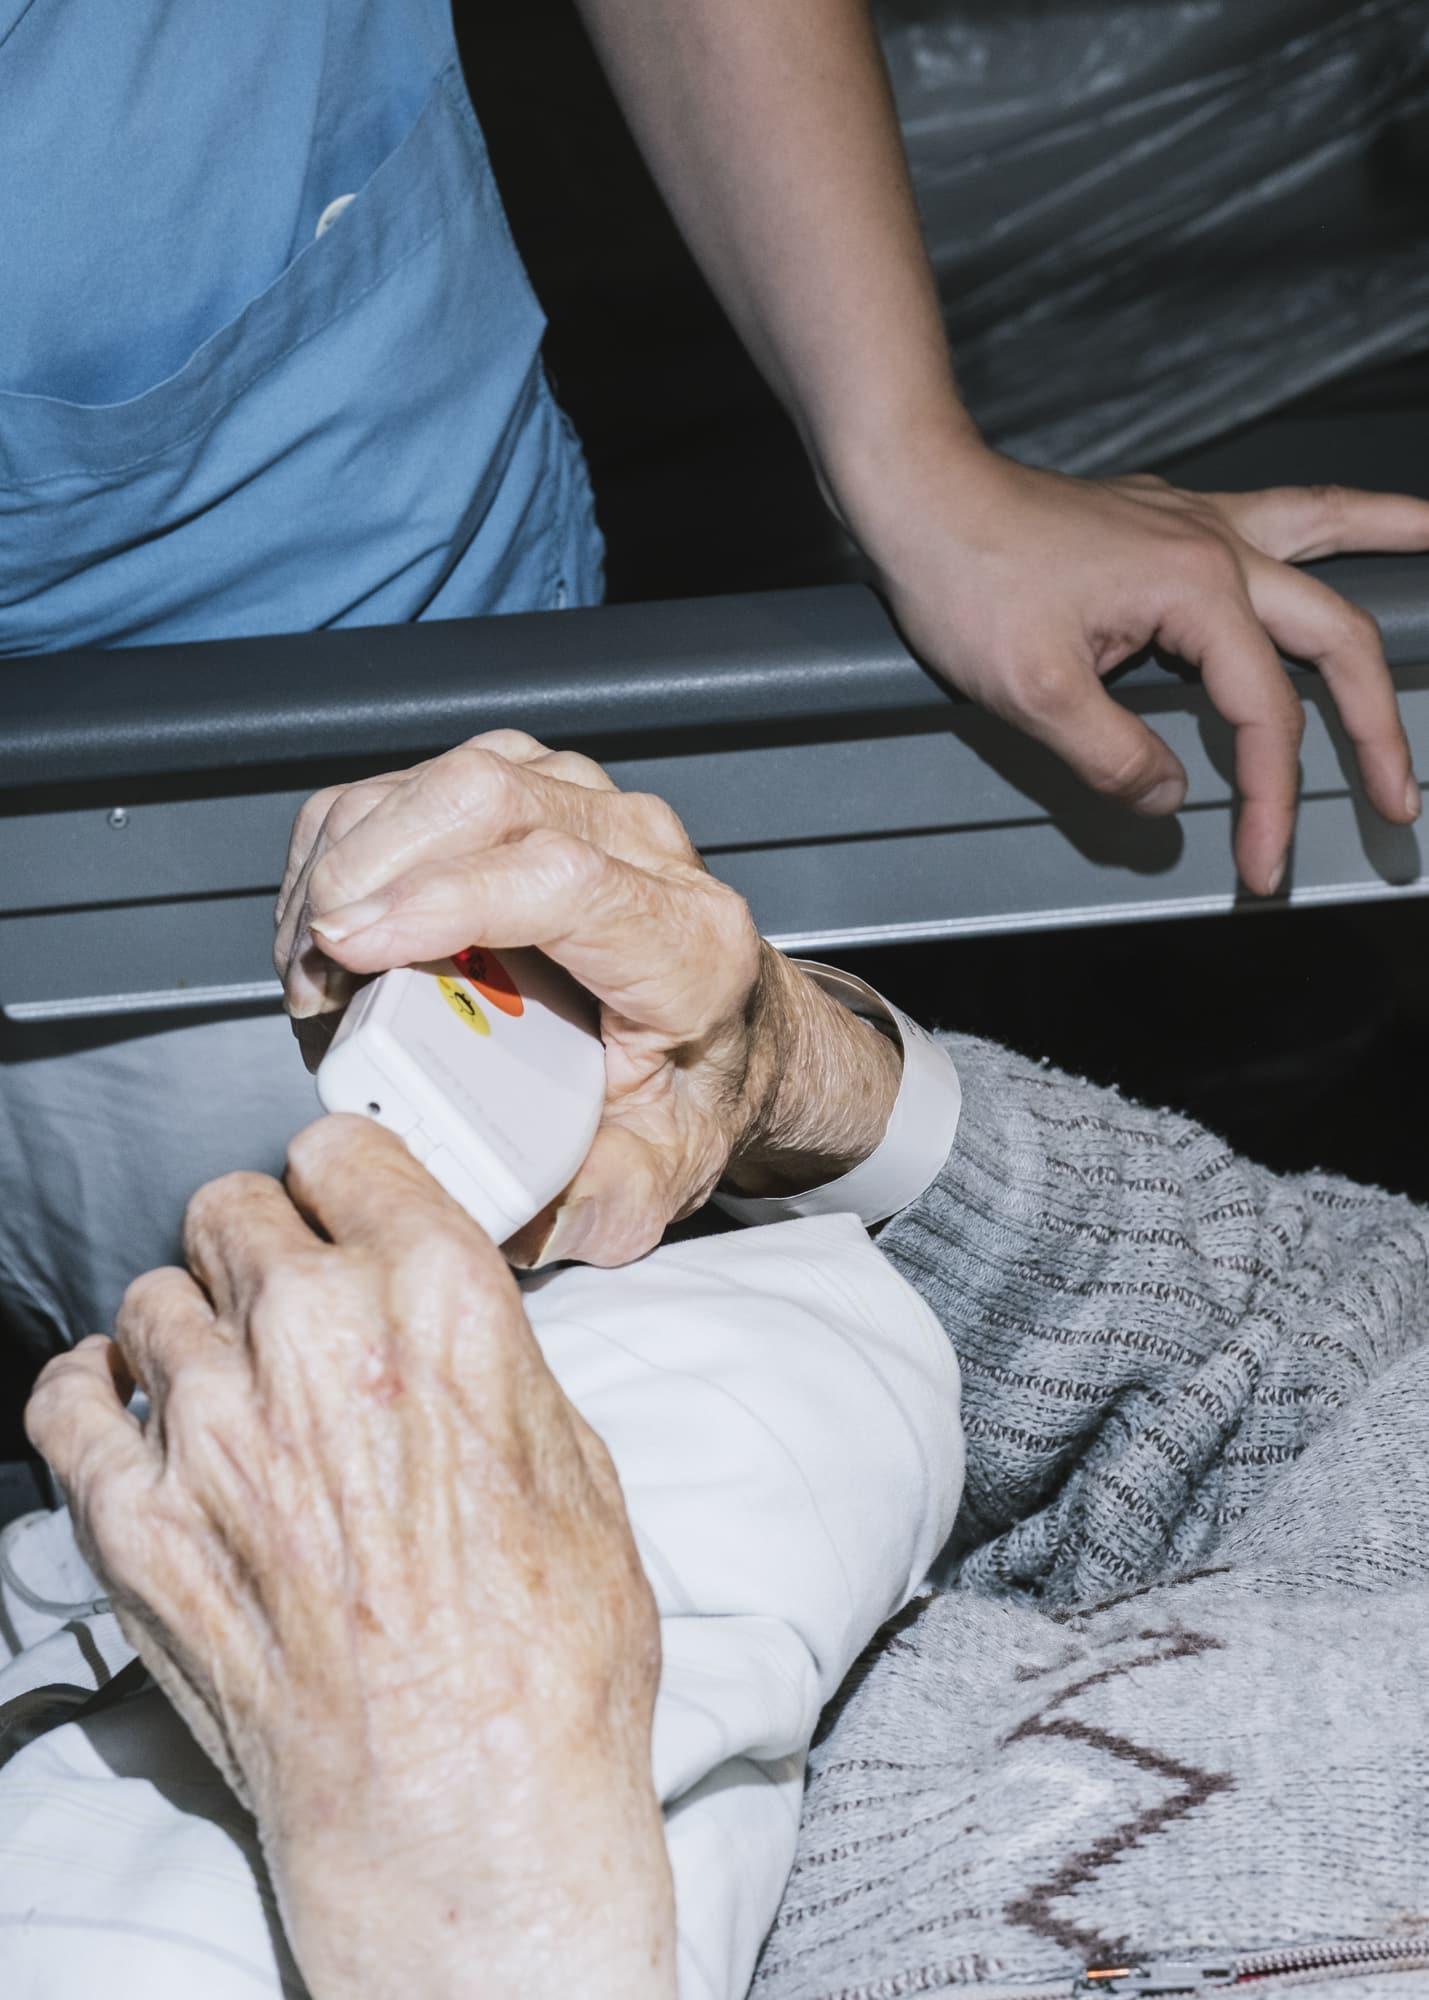 Nicht muede werden — Hand detail of a nurse reassuring a patient in bed